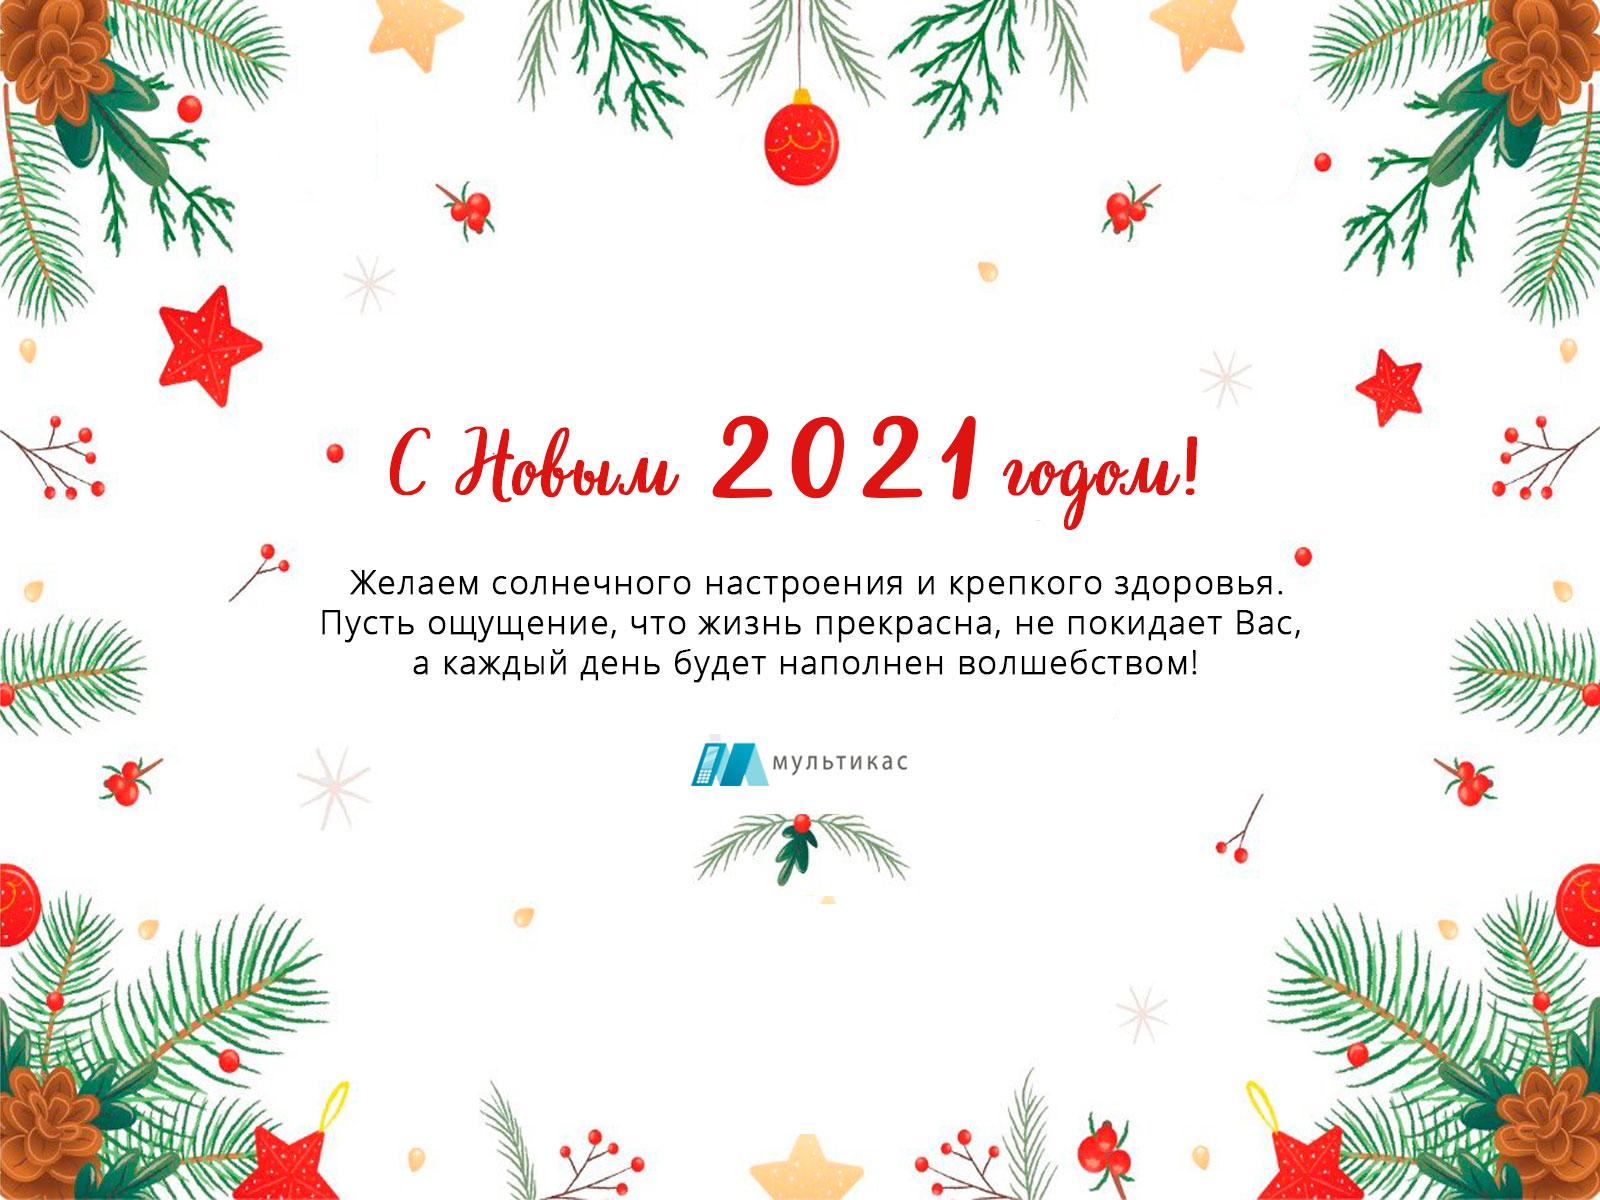 С Новым Годом 2021 от Росалко